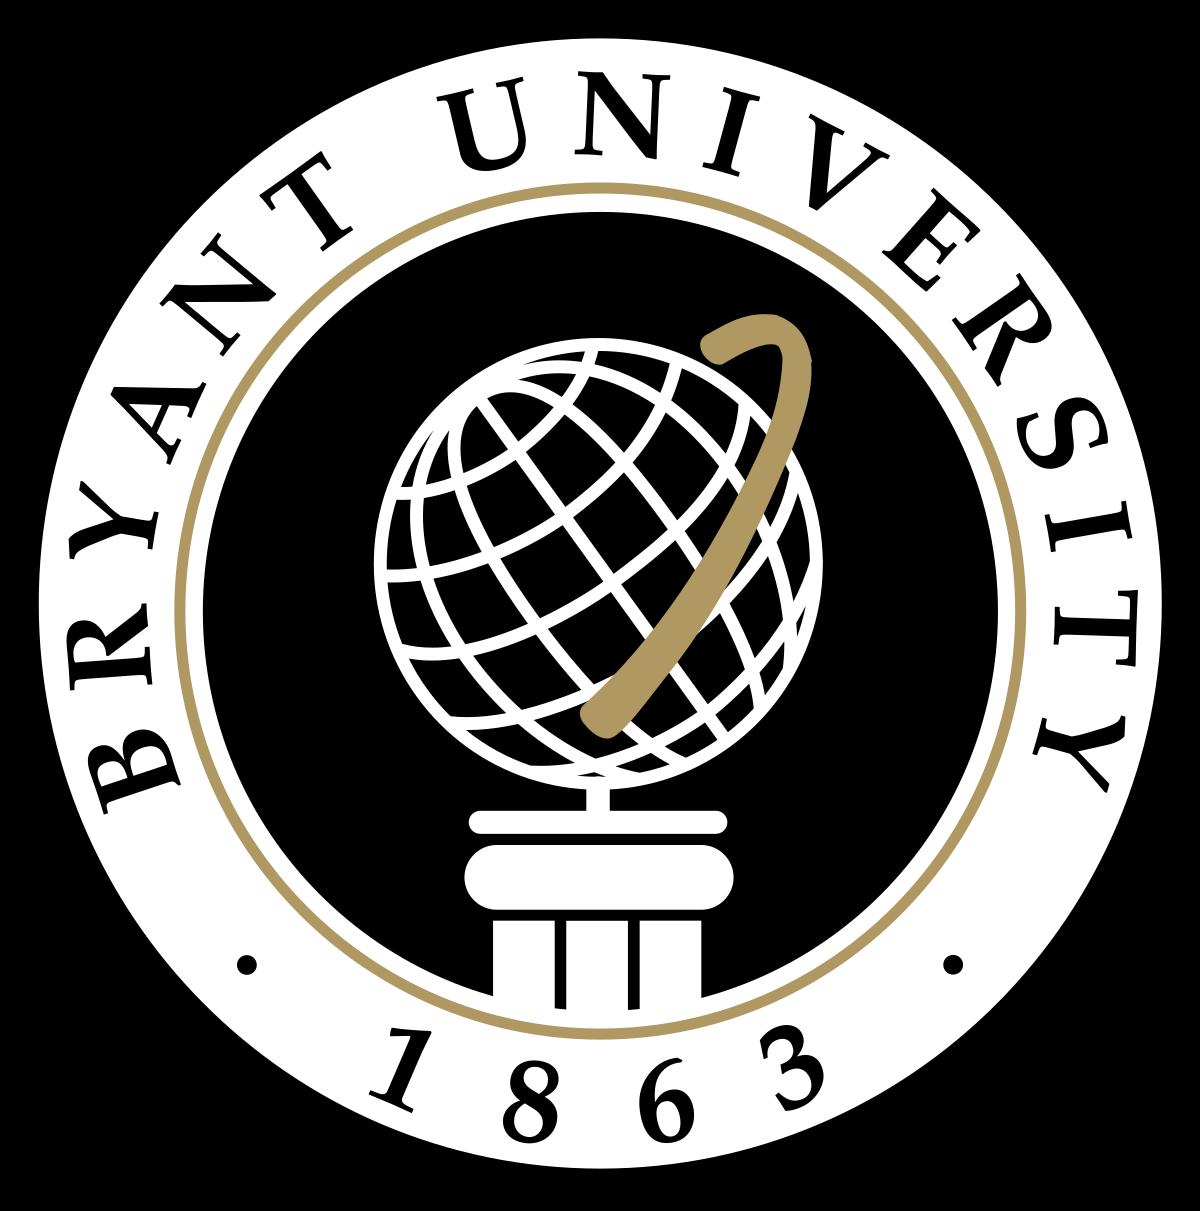 Bryant University.